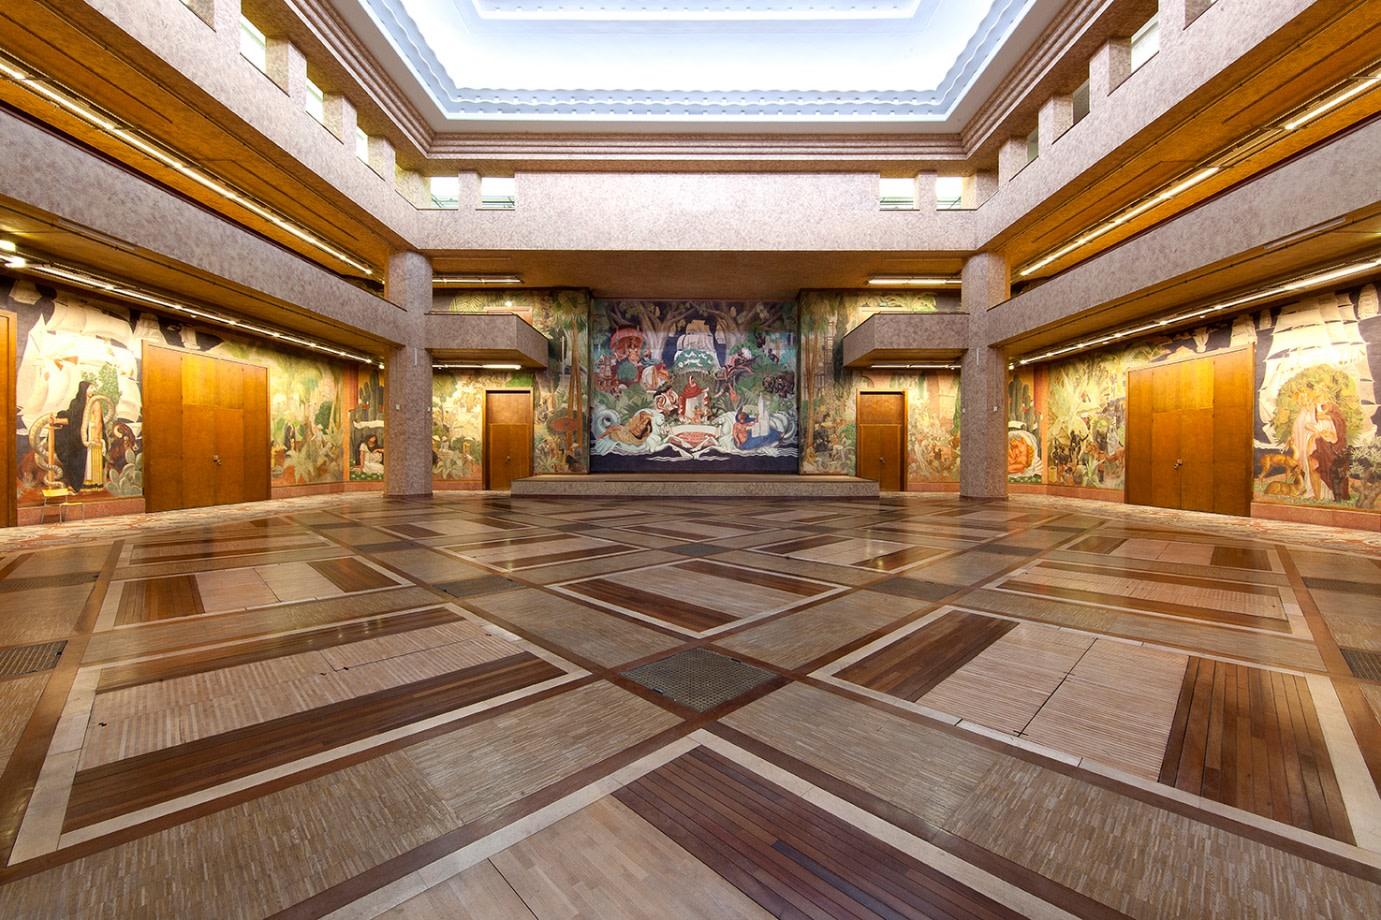 Palais de la Porte Doreé   Image source: palais-portedoree.fr